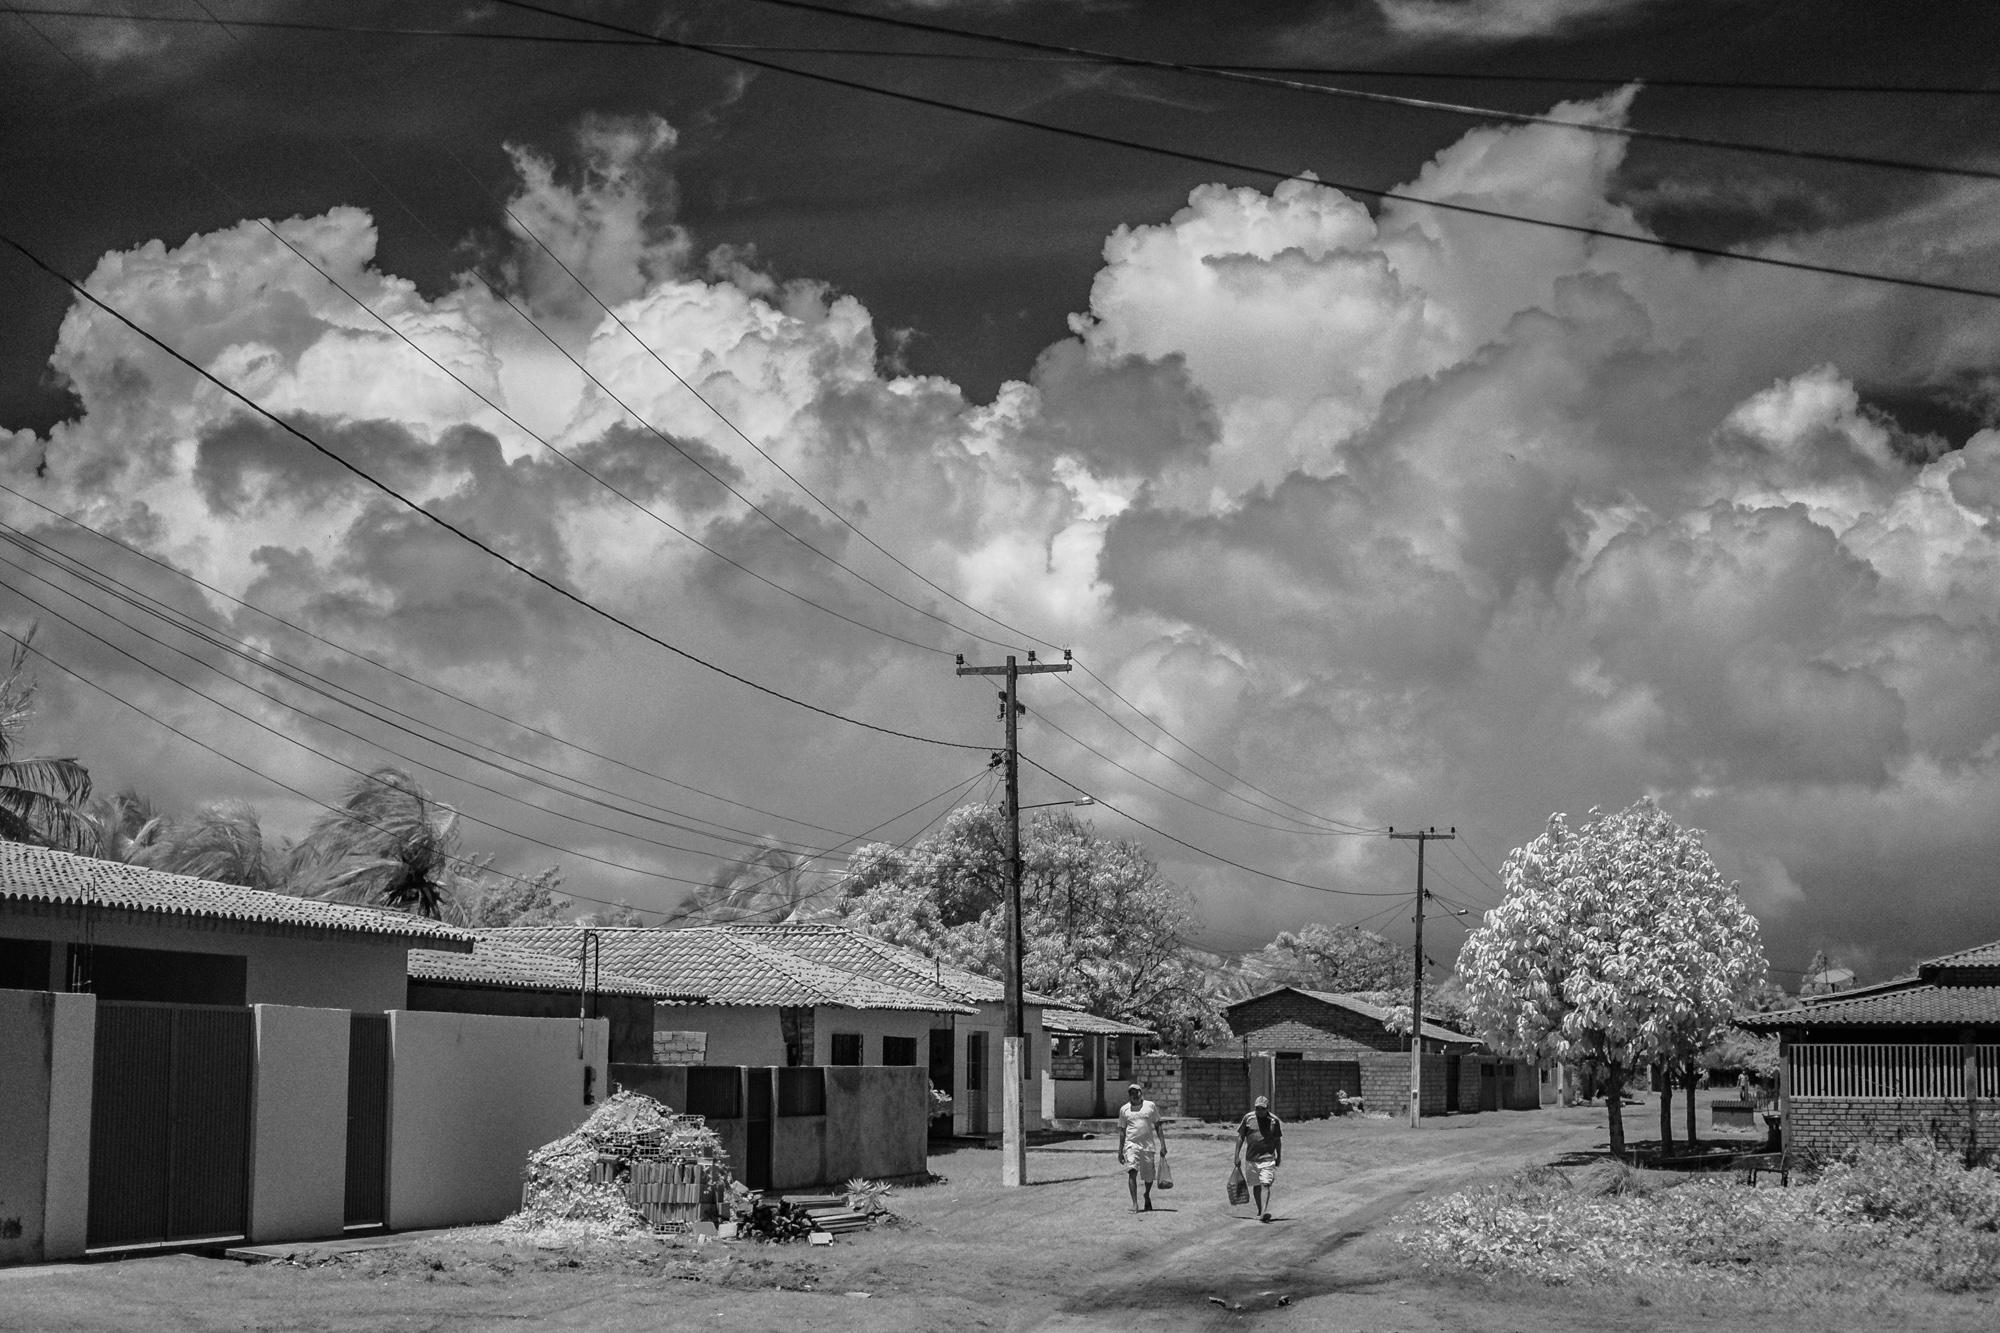 Scott_Myers_Brazil_Infrared-0970.jpg